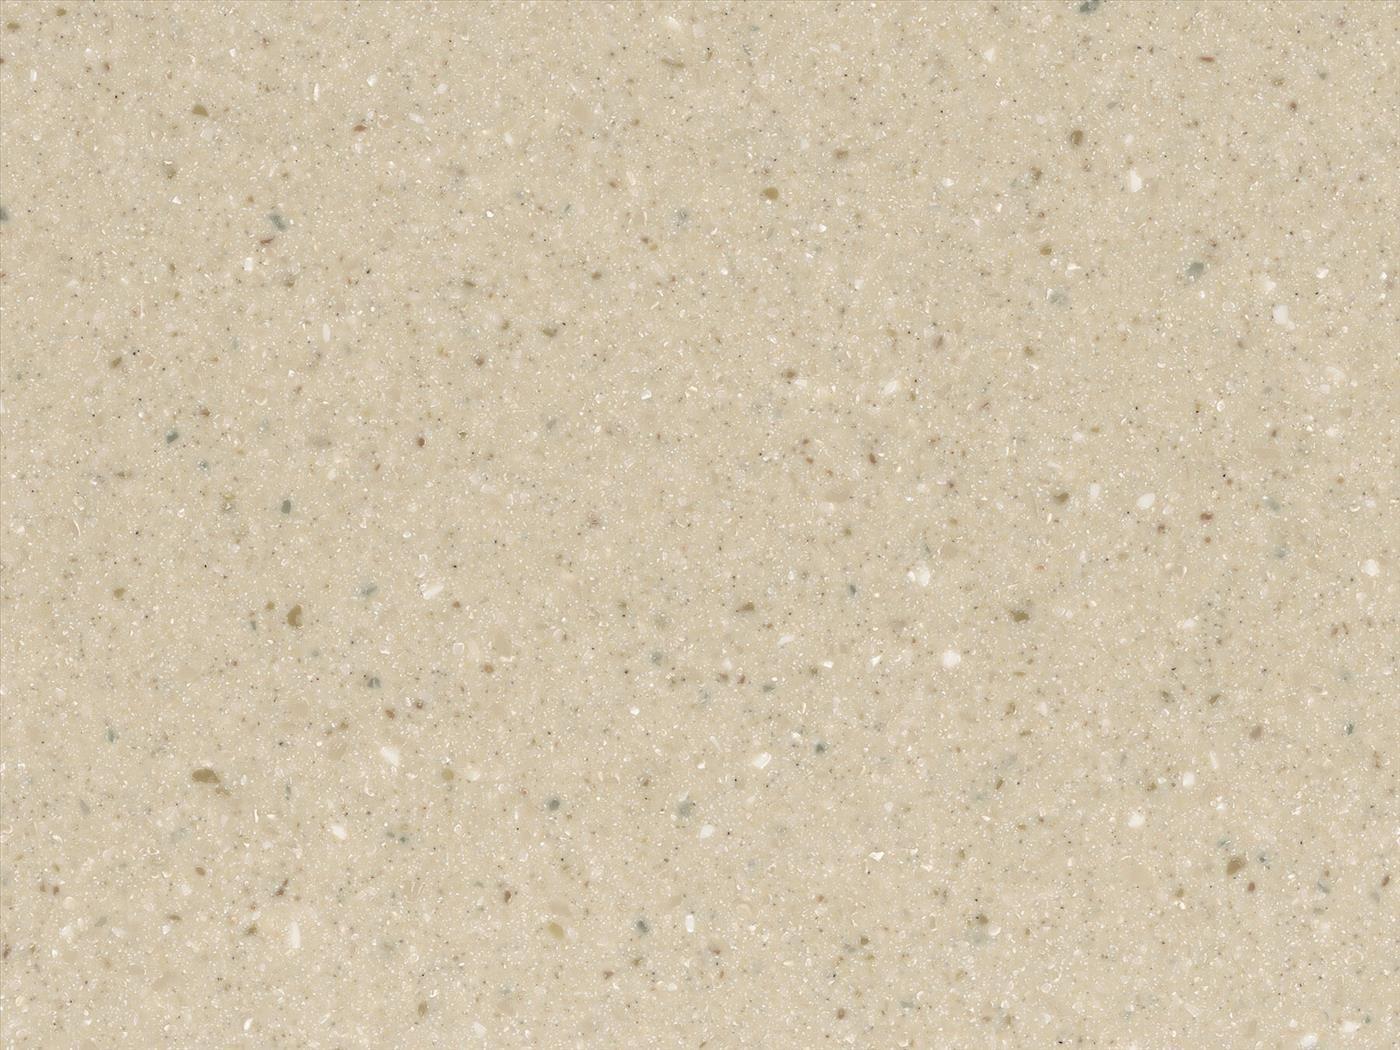 קוריאן beige fieldstone